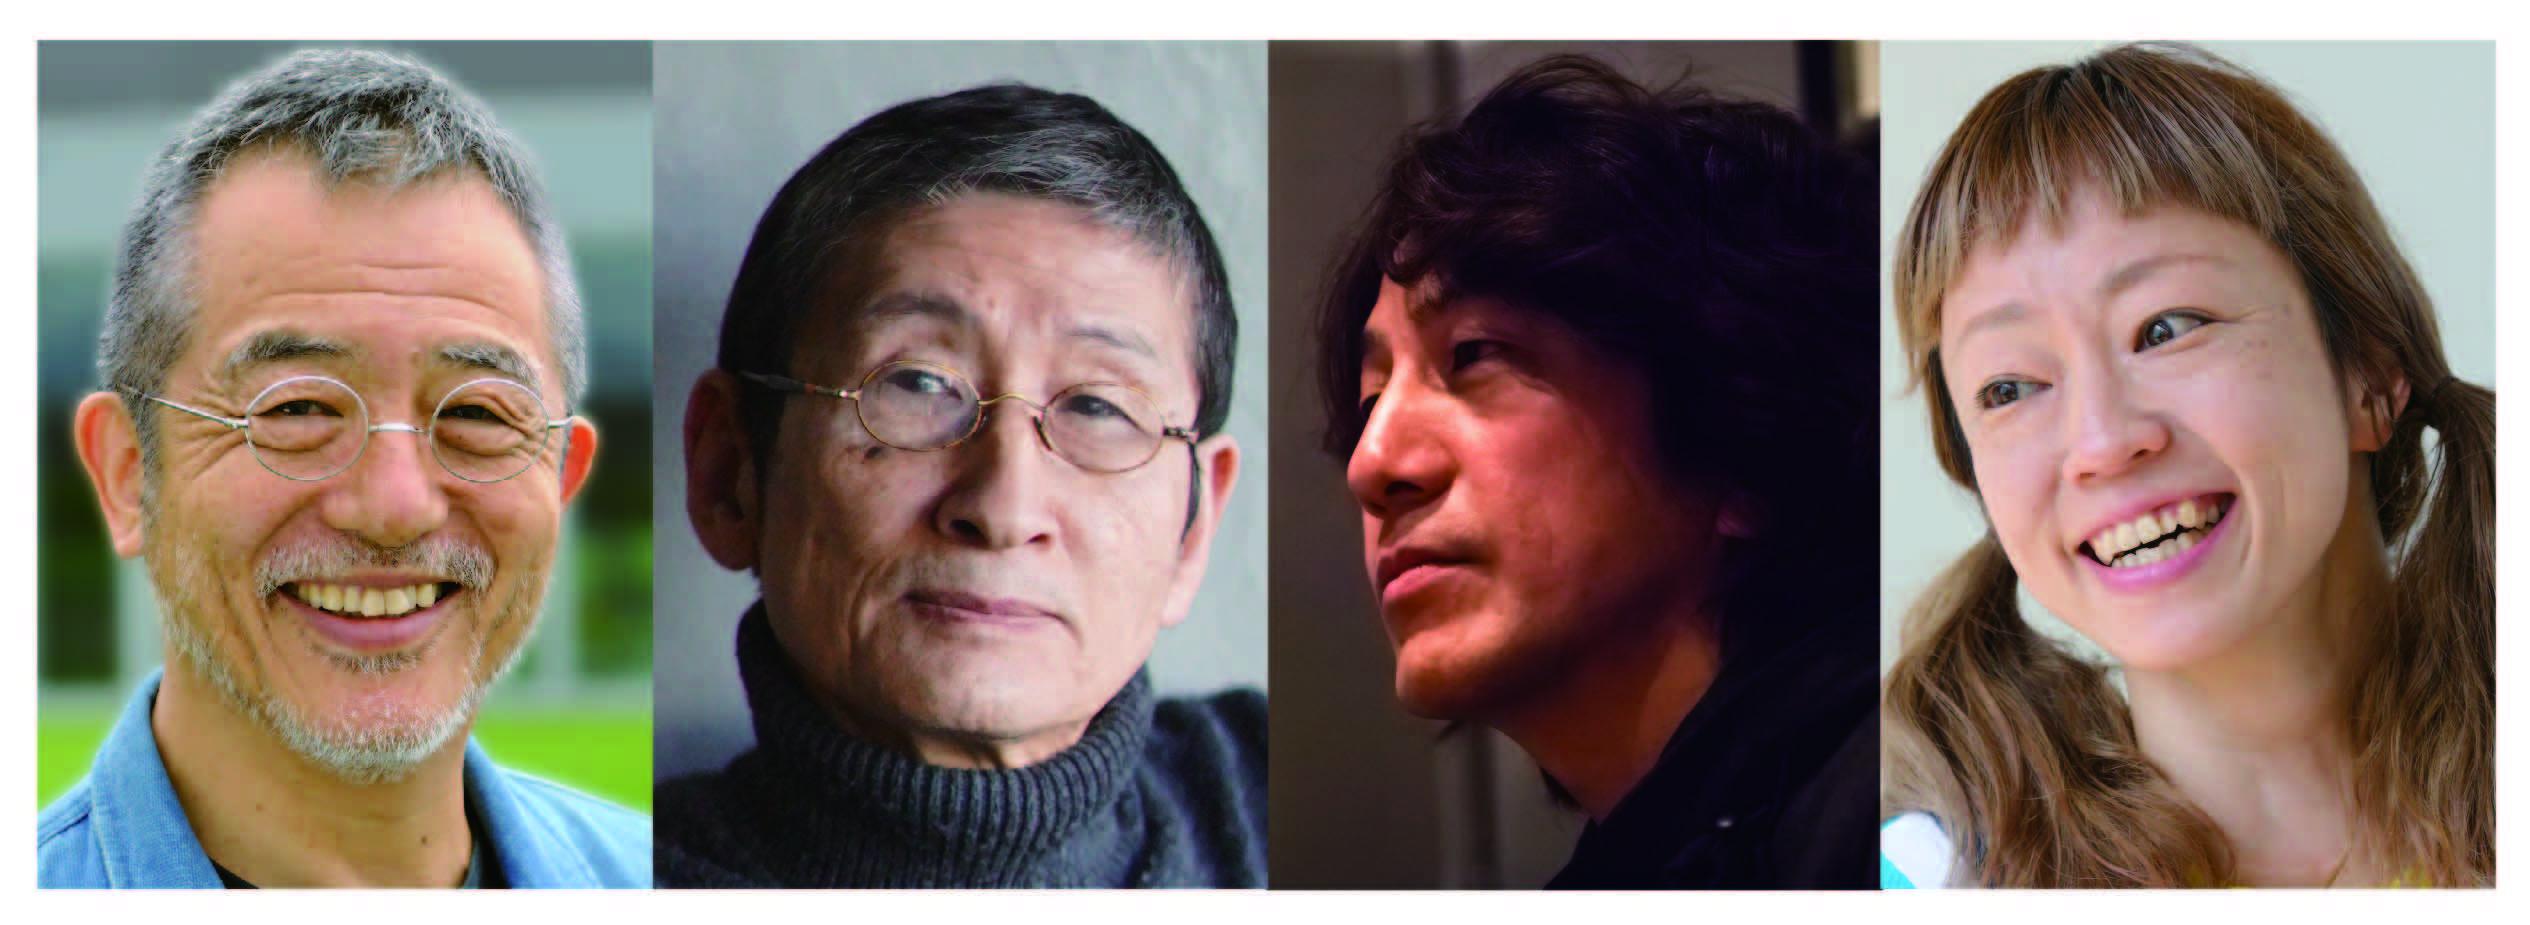 左より串田和美、加藤直、木内宏昌、山田うん